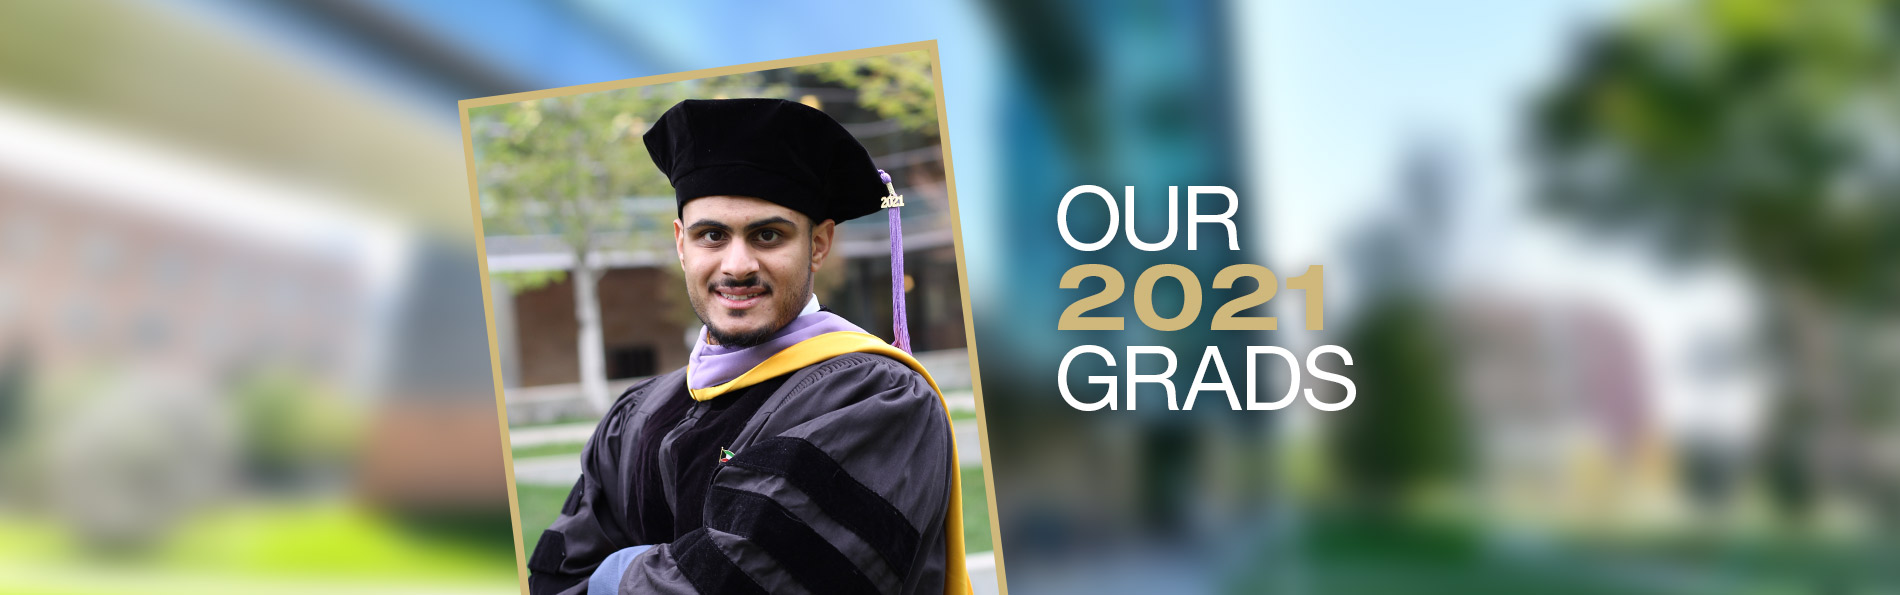 05-21_COM-Our-2021-gradsMO-2